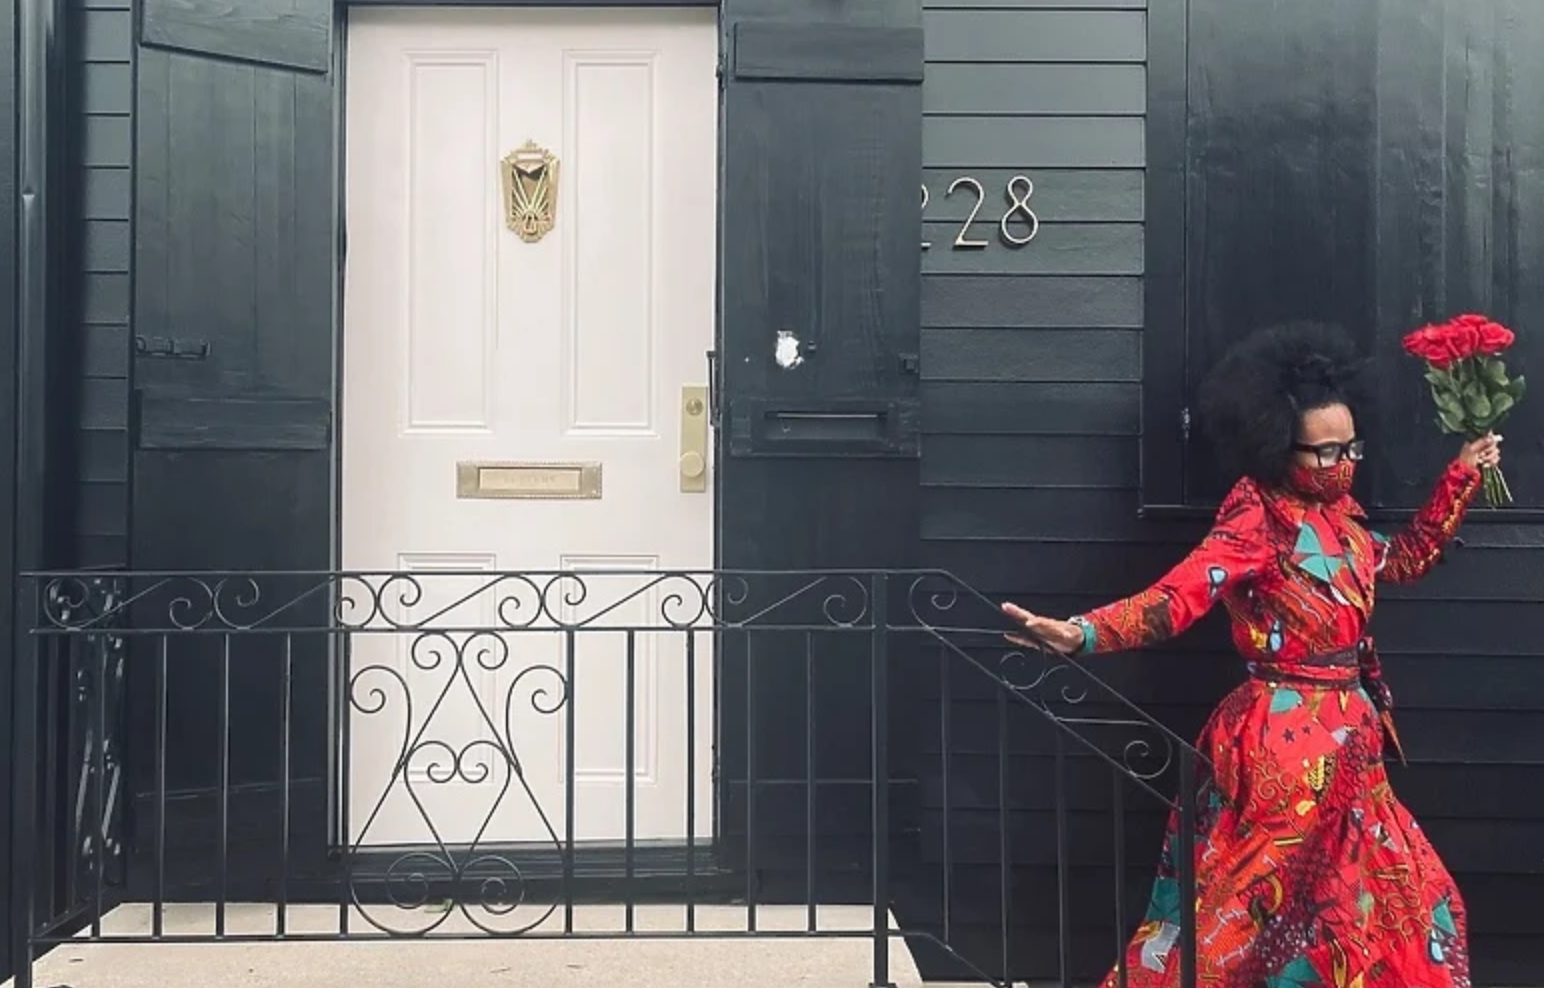 Amerikanka ofarbala cijelu kuću u crno kako bi odala počast mračnoj 2020. godini